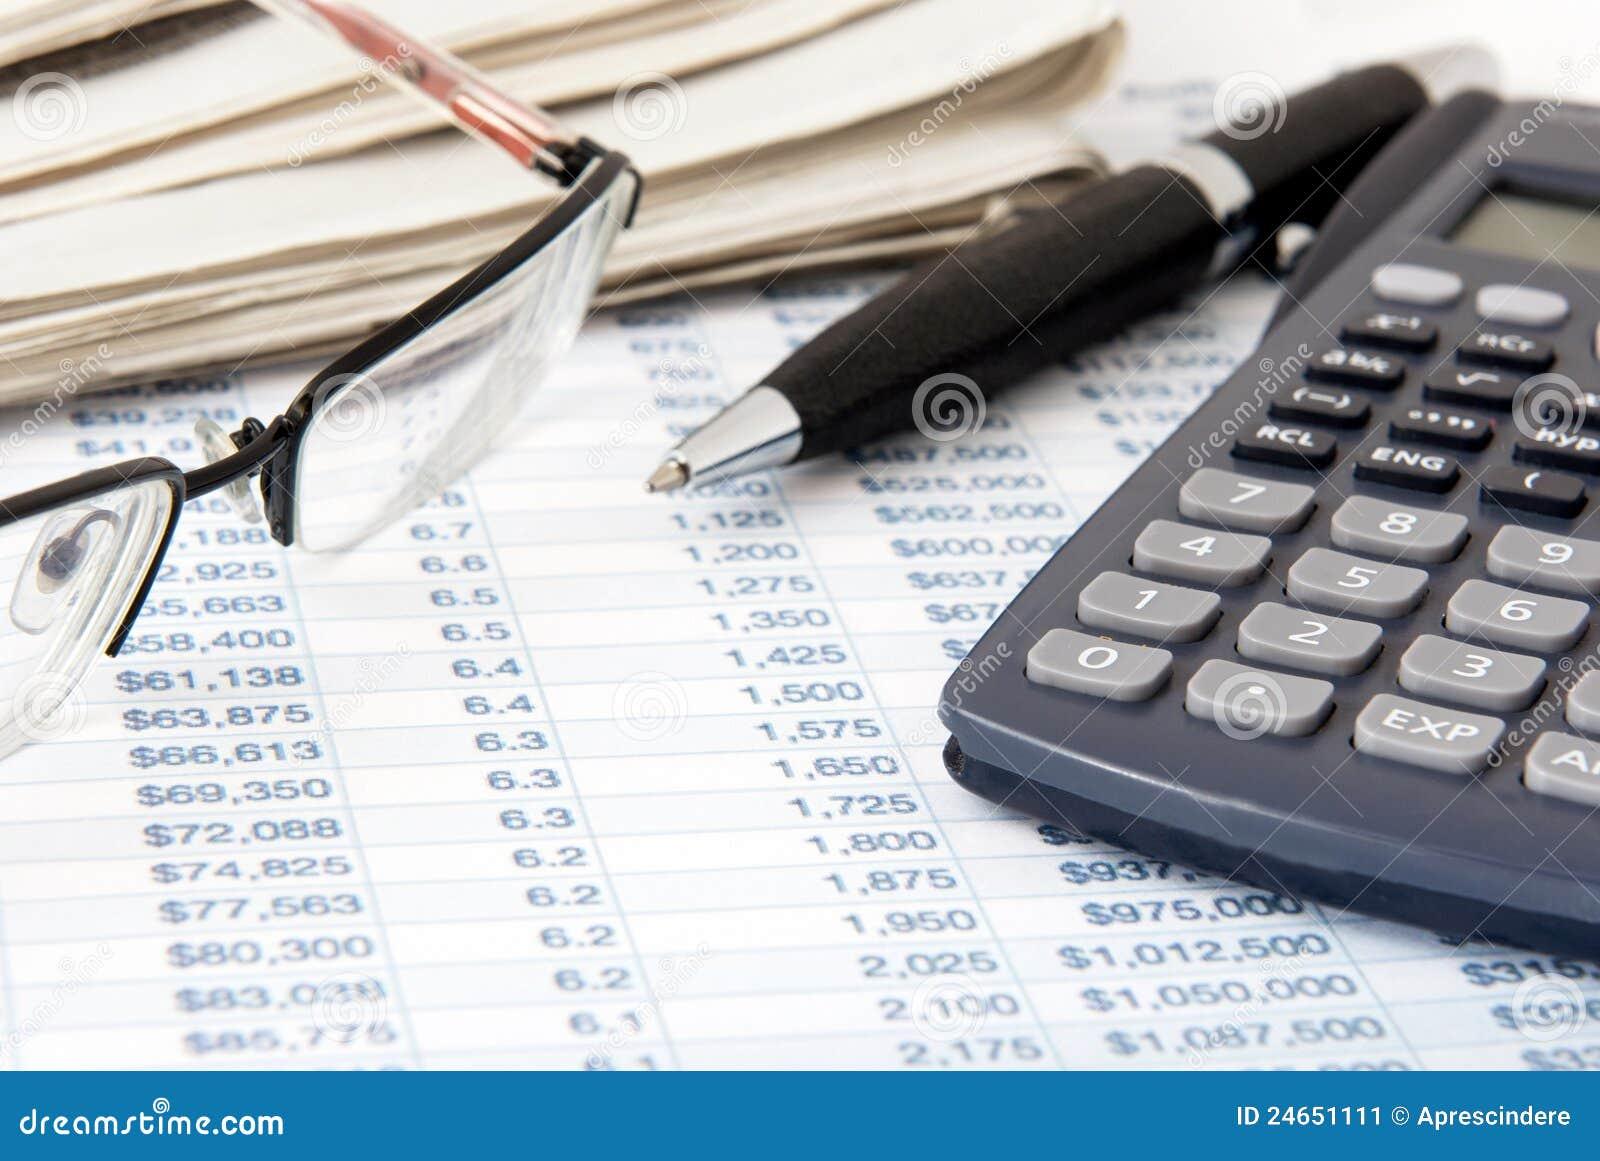 Calcolatore finanziario